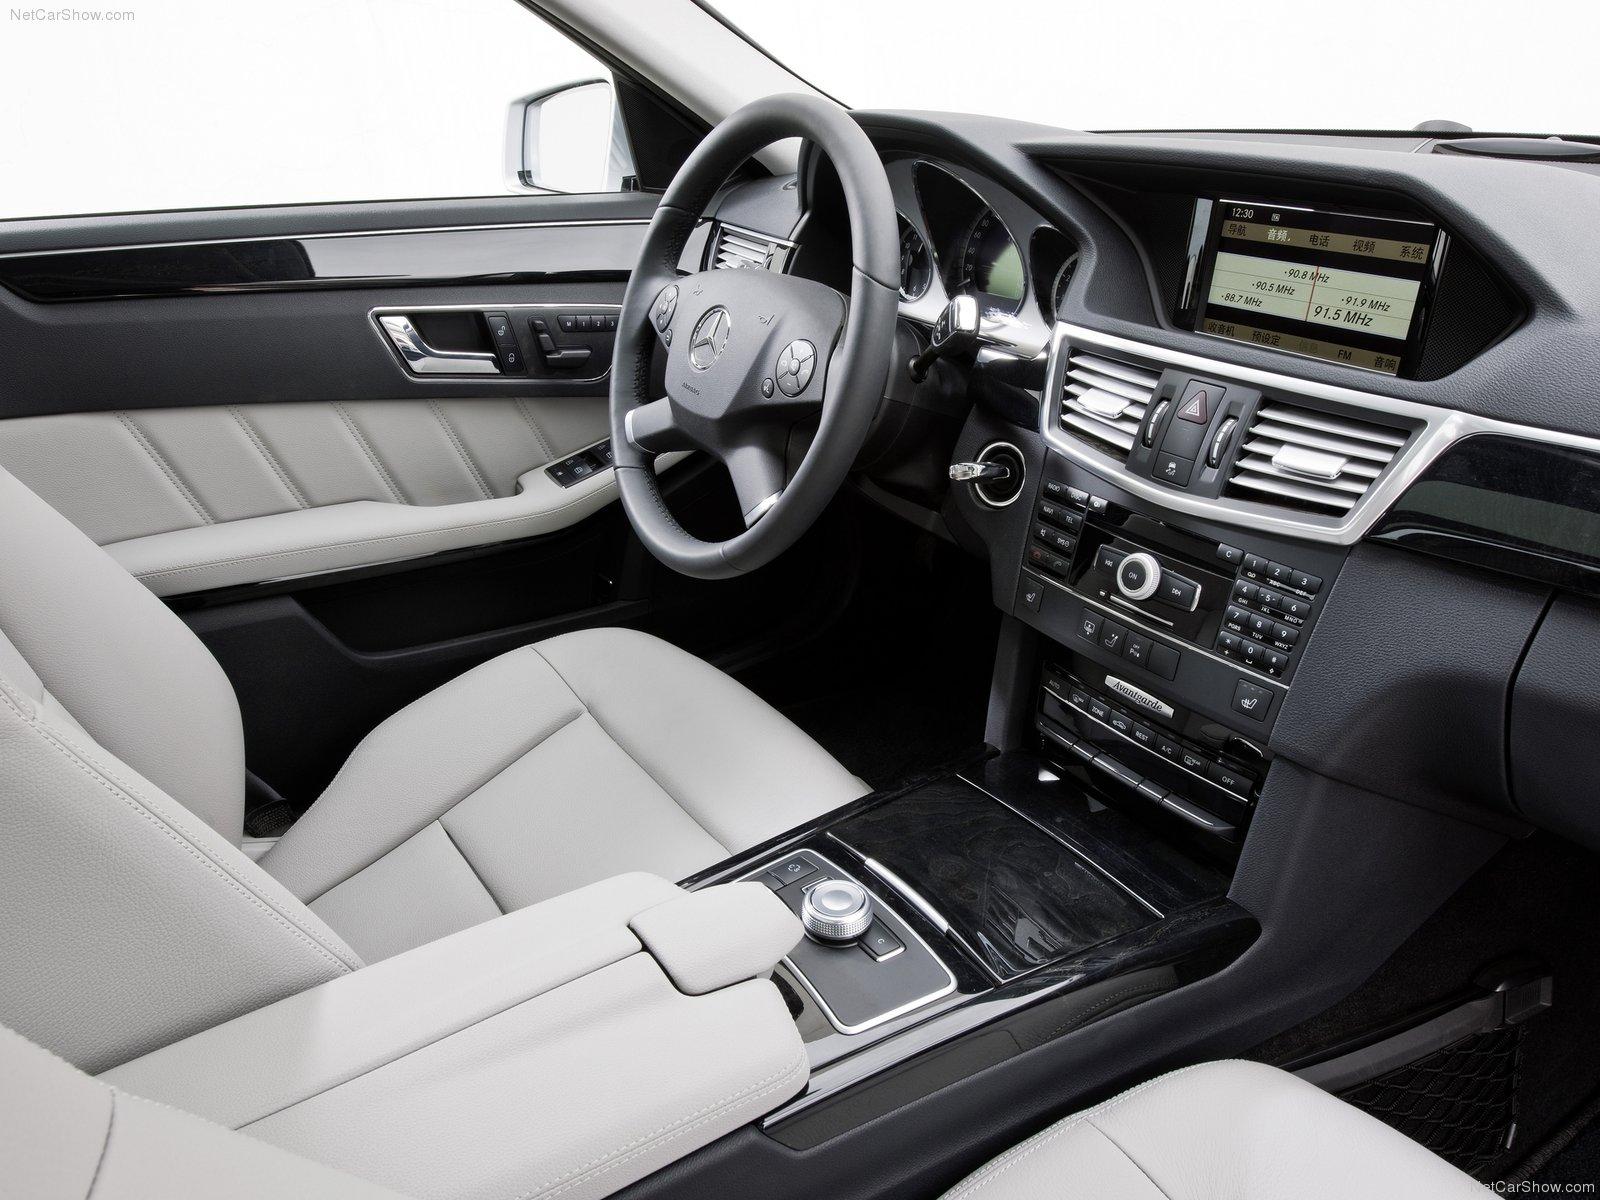 Mercedes E350 E Plug In Hybrid Review Pictures moreover Mercedes Benz E Class Vossen Cvt 5 further Usa Verzoegerung Bei Verkaufsstart Von Neuer Mercedes E Klasse 103 furthermore 2016 Mercedes E Class Interior in addition 19. on 2016 mercedes benz e350